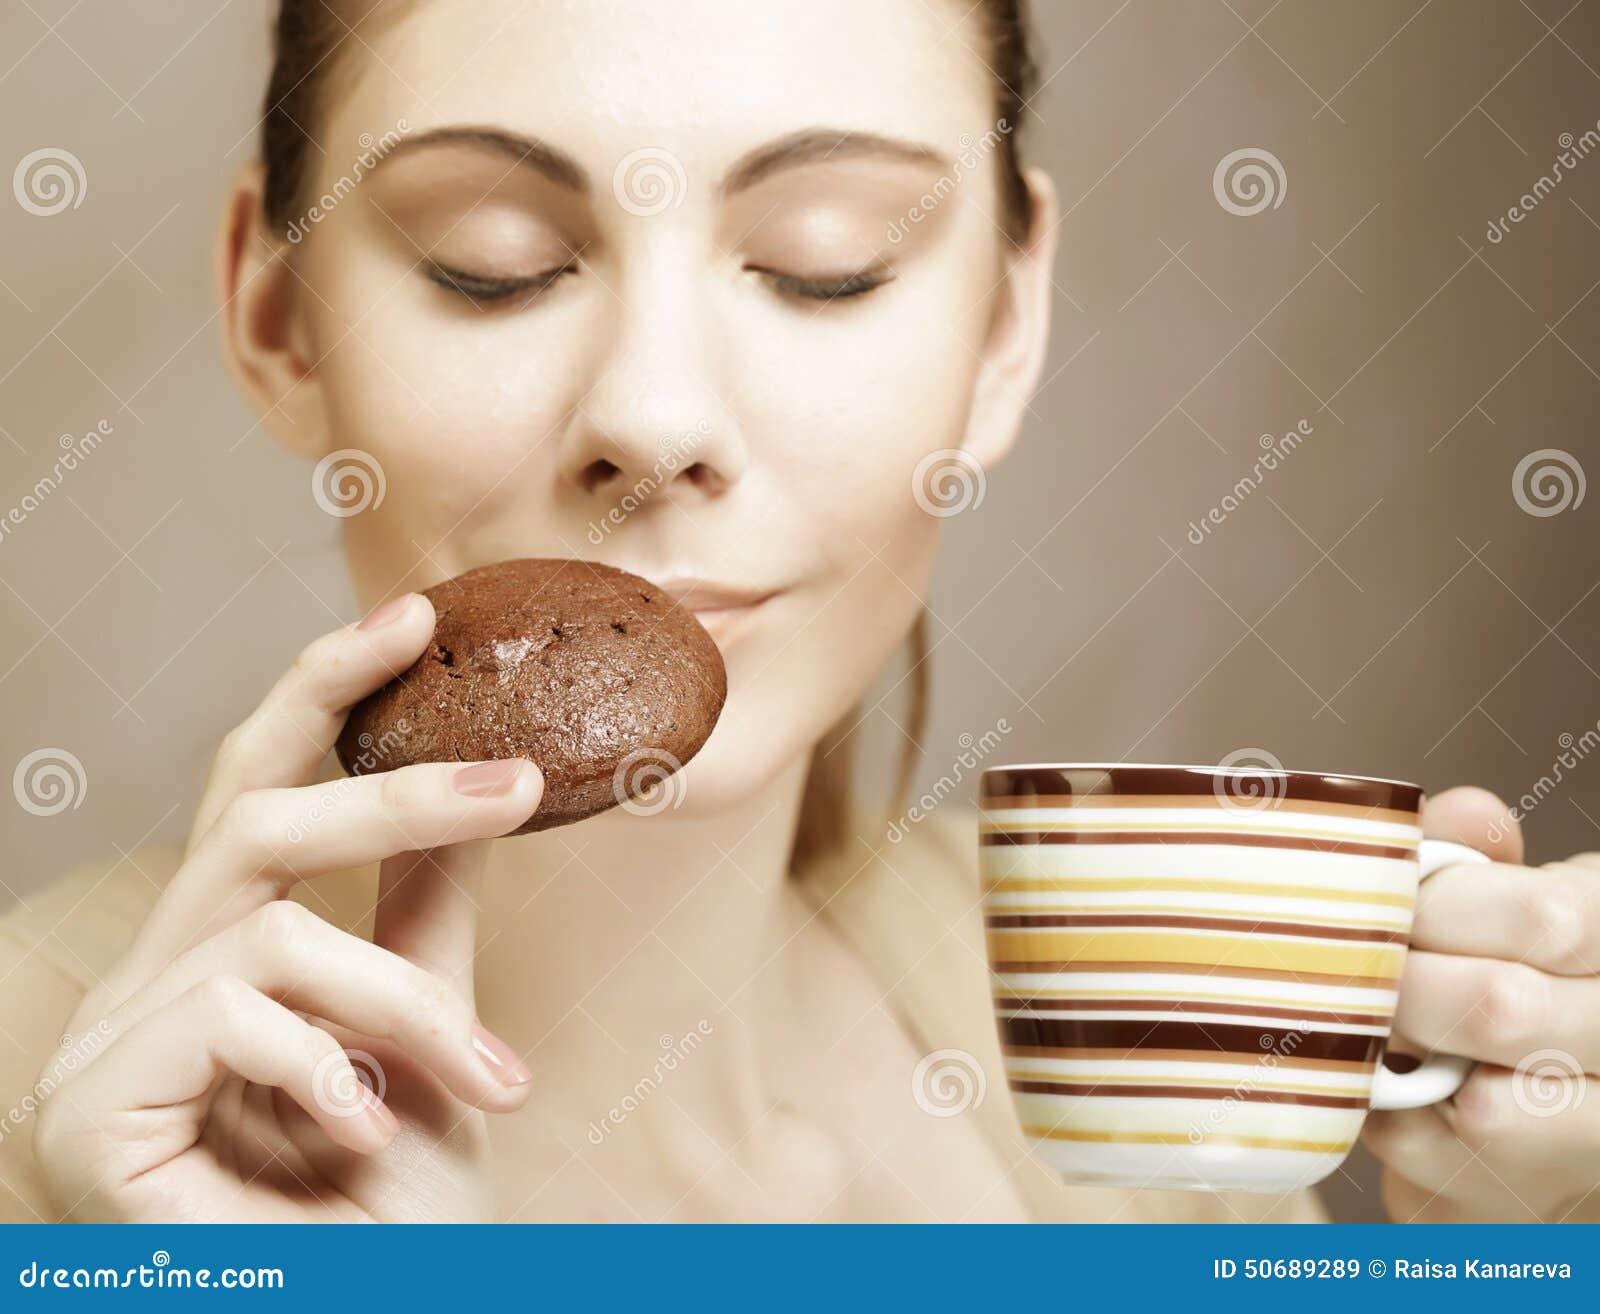 Download 妇女用咖啡和曲奇饼 库存图片. 图片 包括有 人们, 有吸引力的, 部分, 咖啡, 饮食, 白种人, 纵向 - 50689289